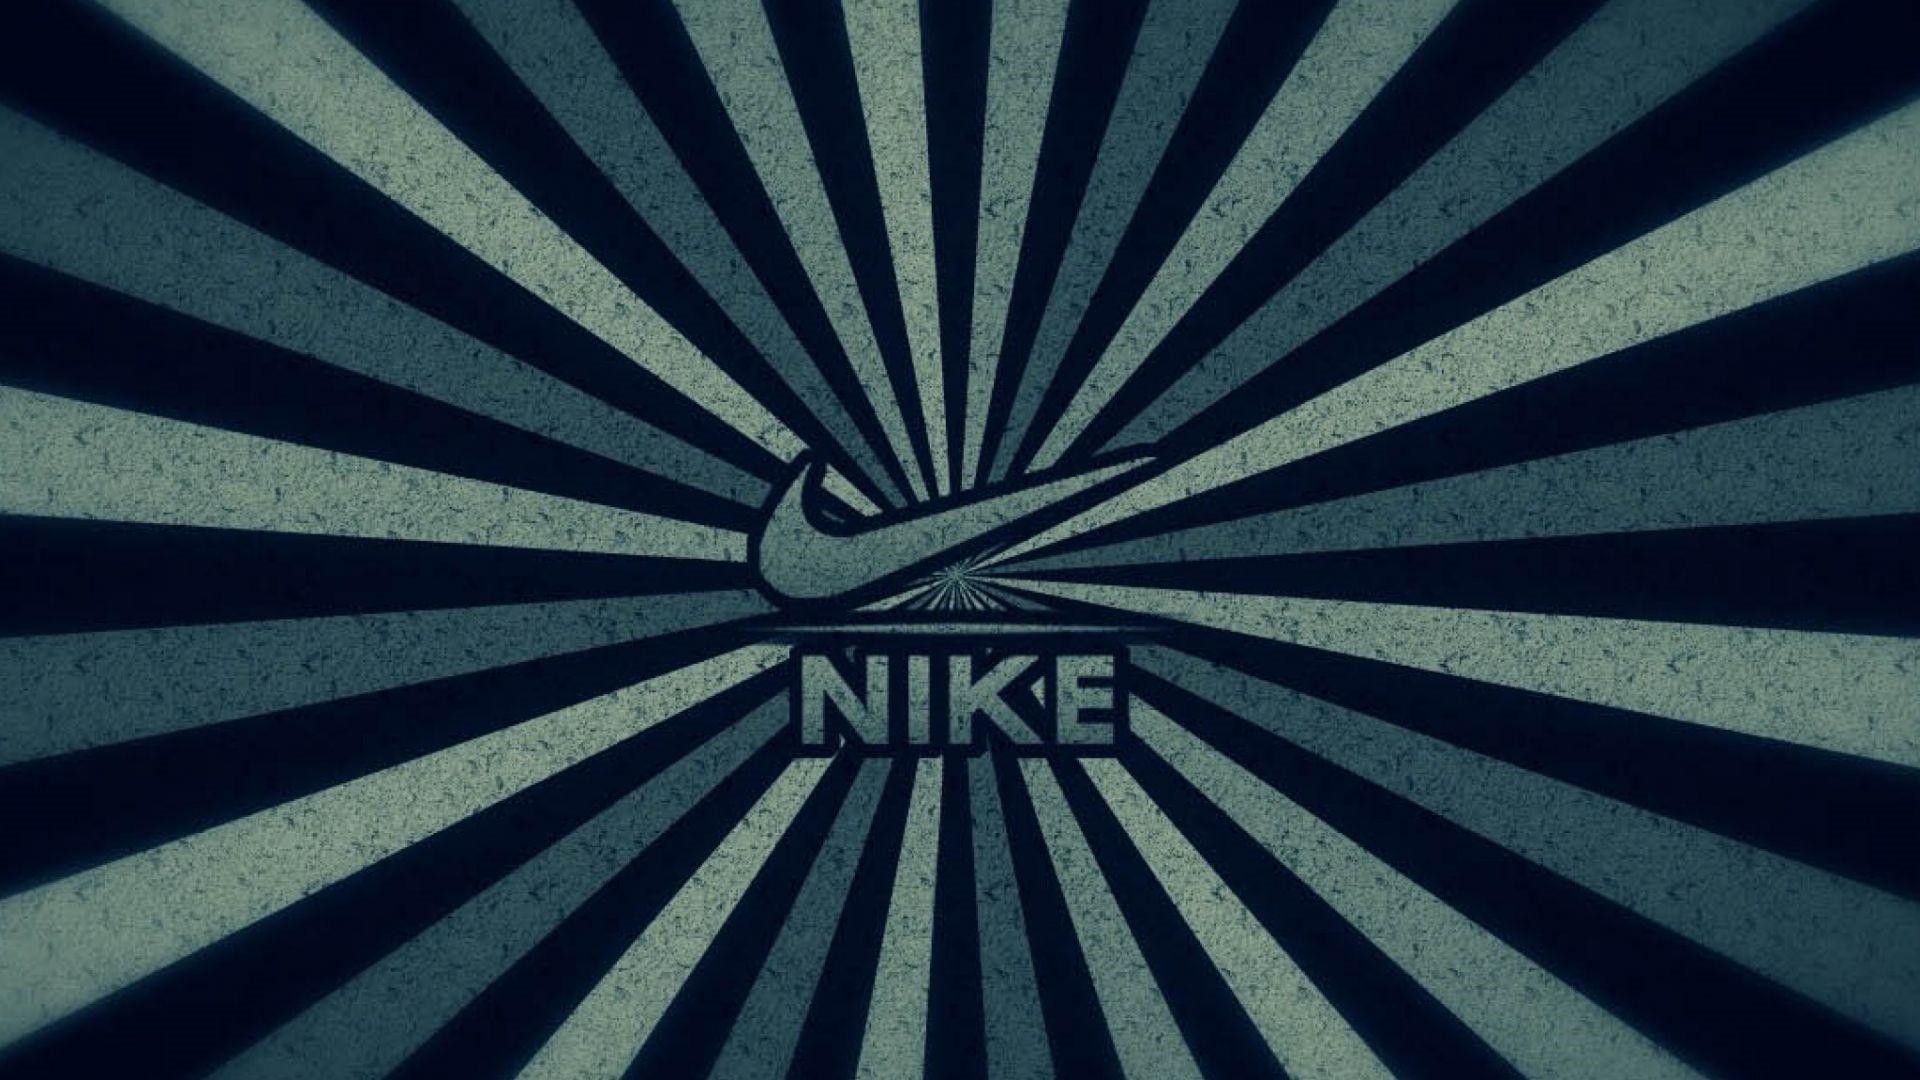 Mejores 100 Fondos De Nike: Fondos De Pantalla : Nike, Logo, Simetría, Verde, Azul